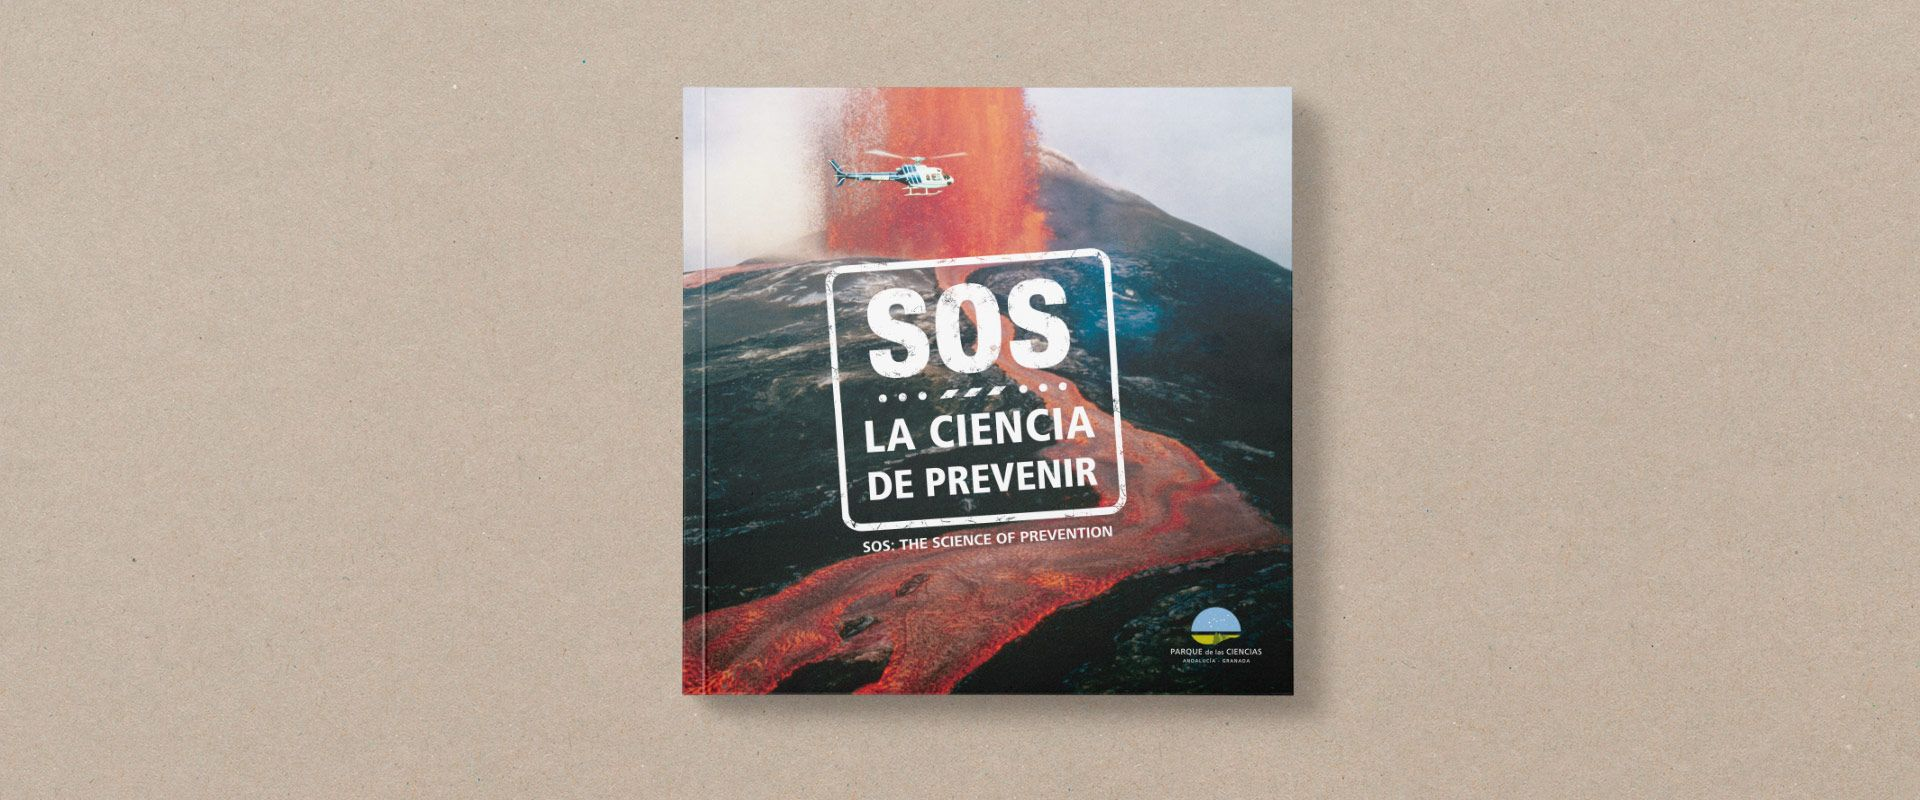 portada catálogo exposición SOS del parque de las ciencias de granada SOS img-total